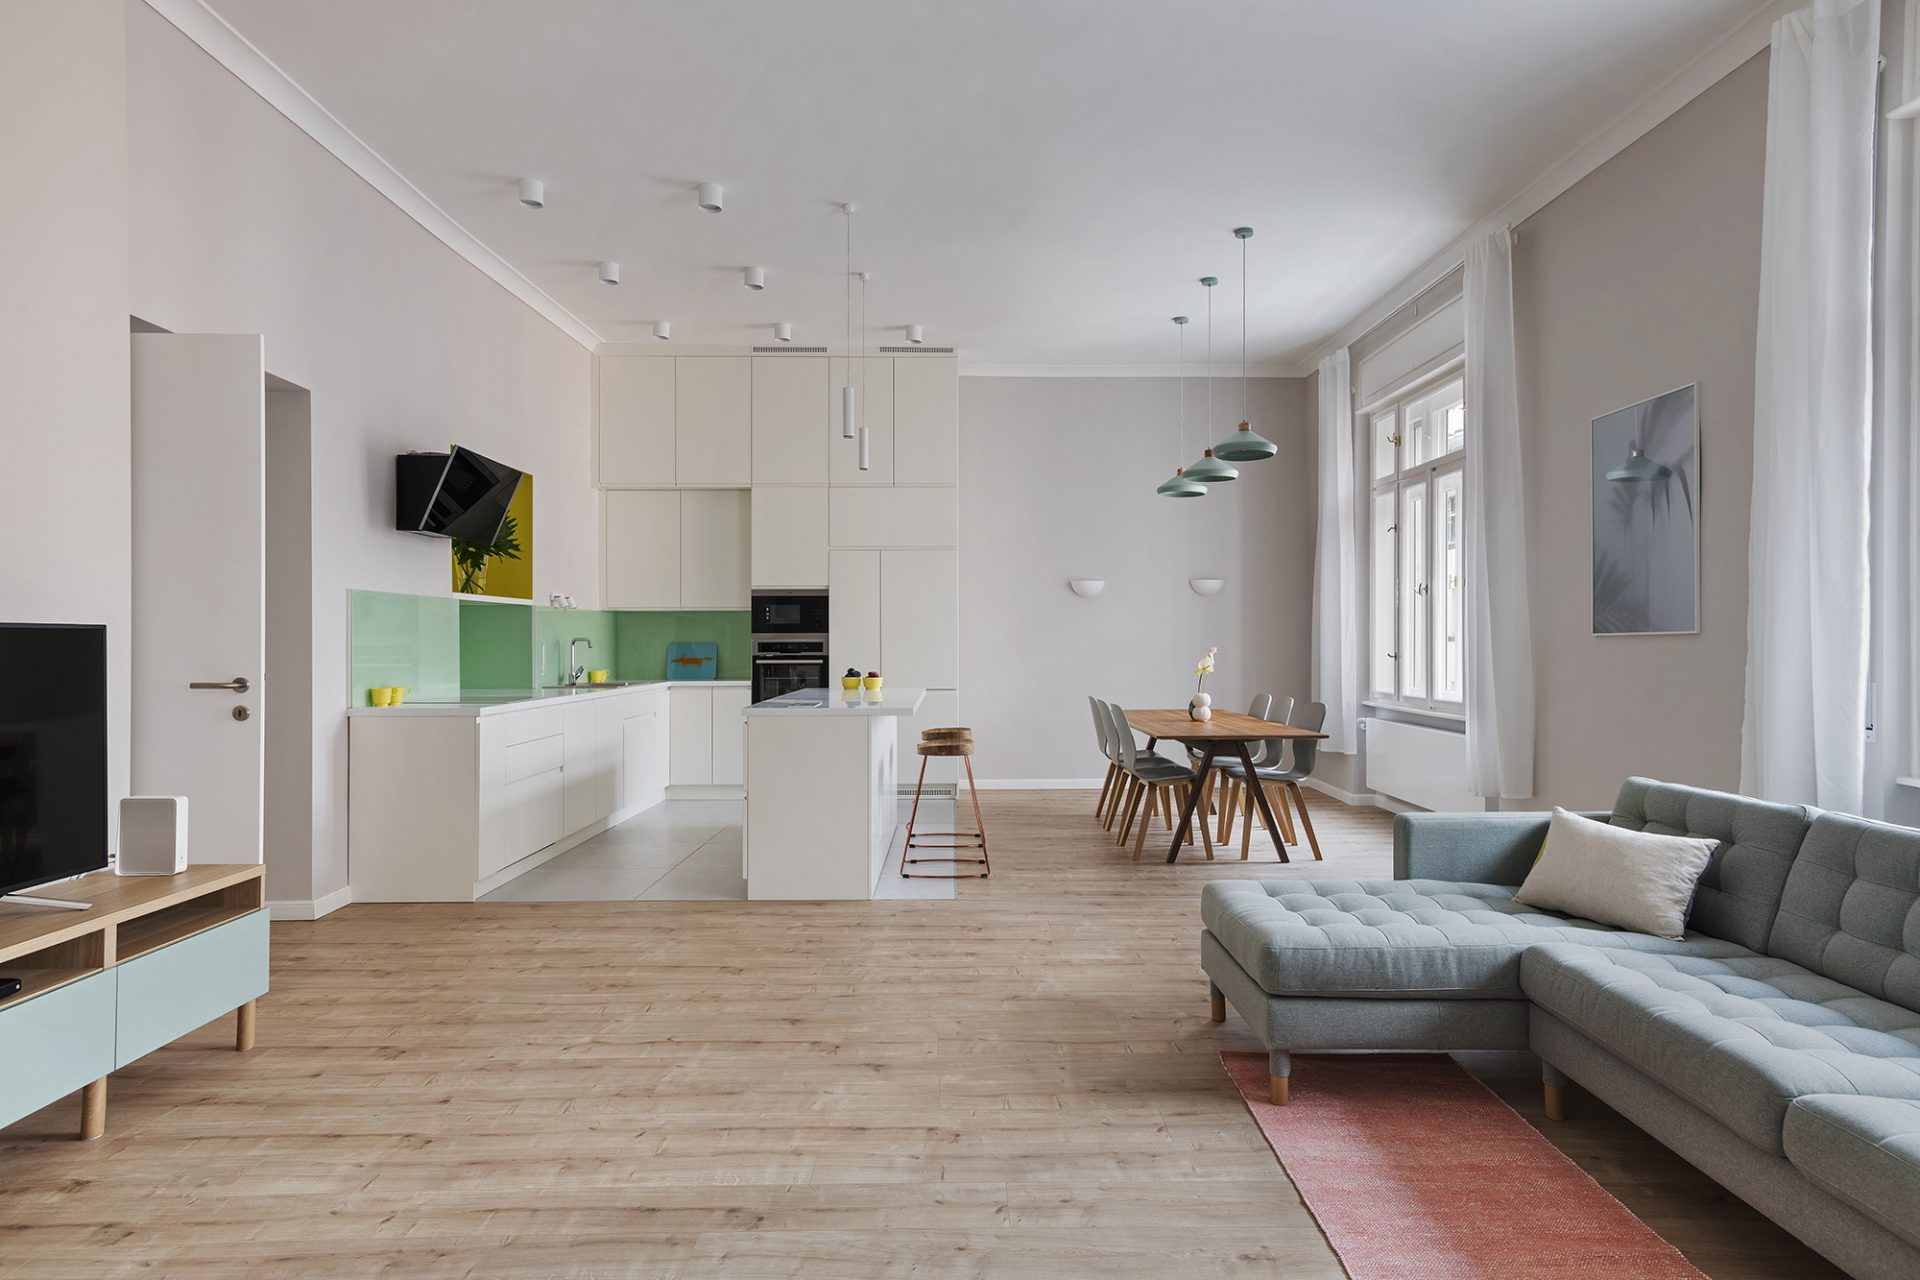 költség, hogy hozzanak létre egy lakást